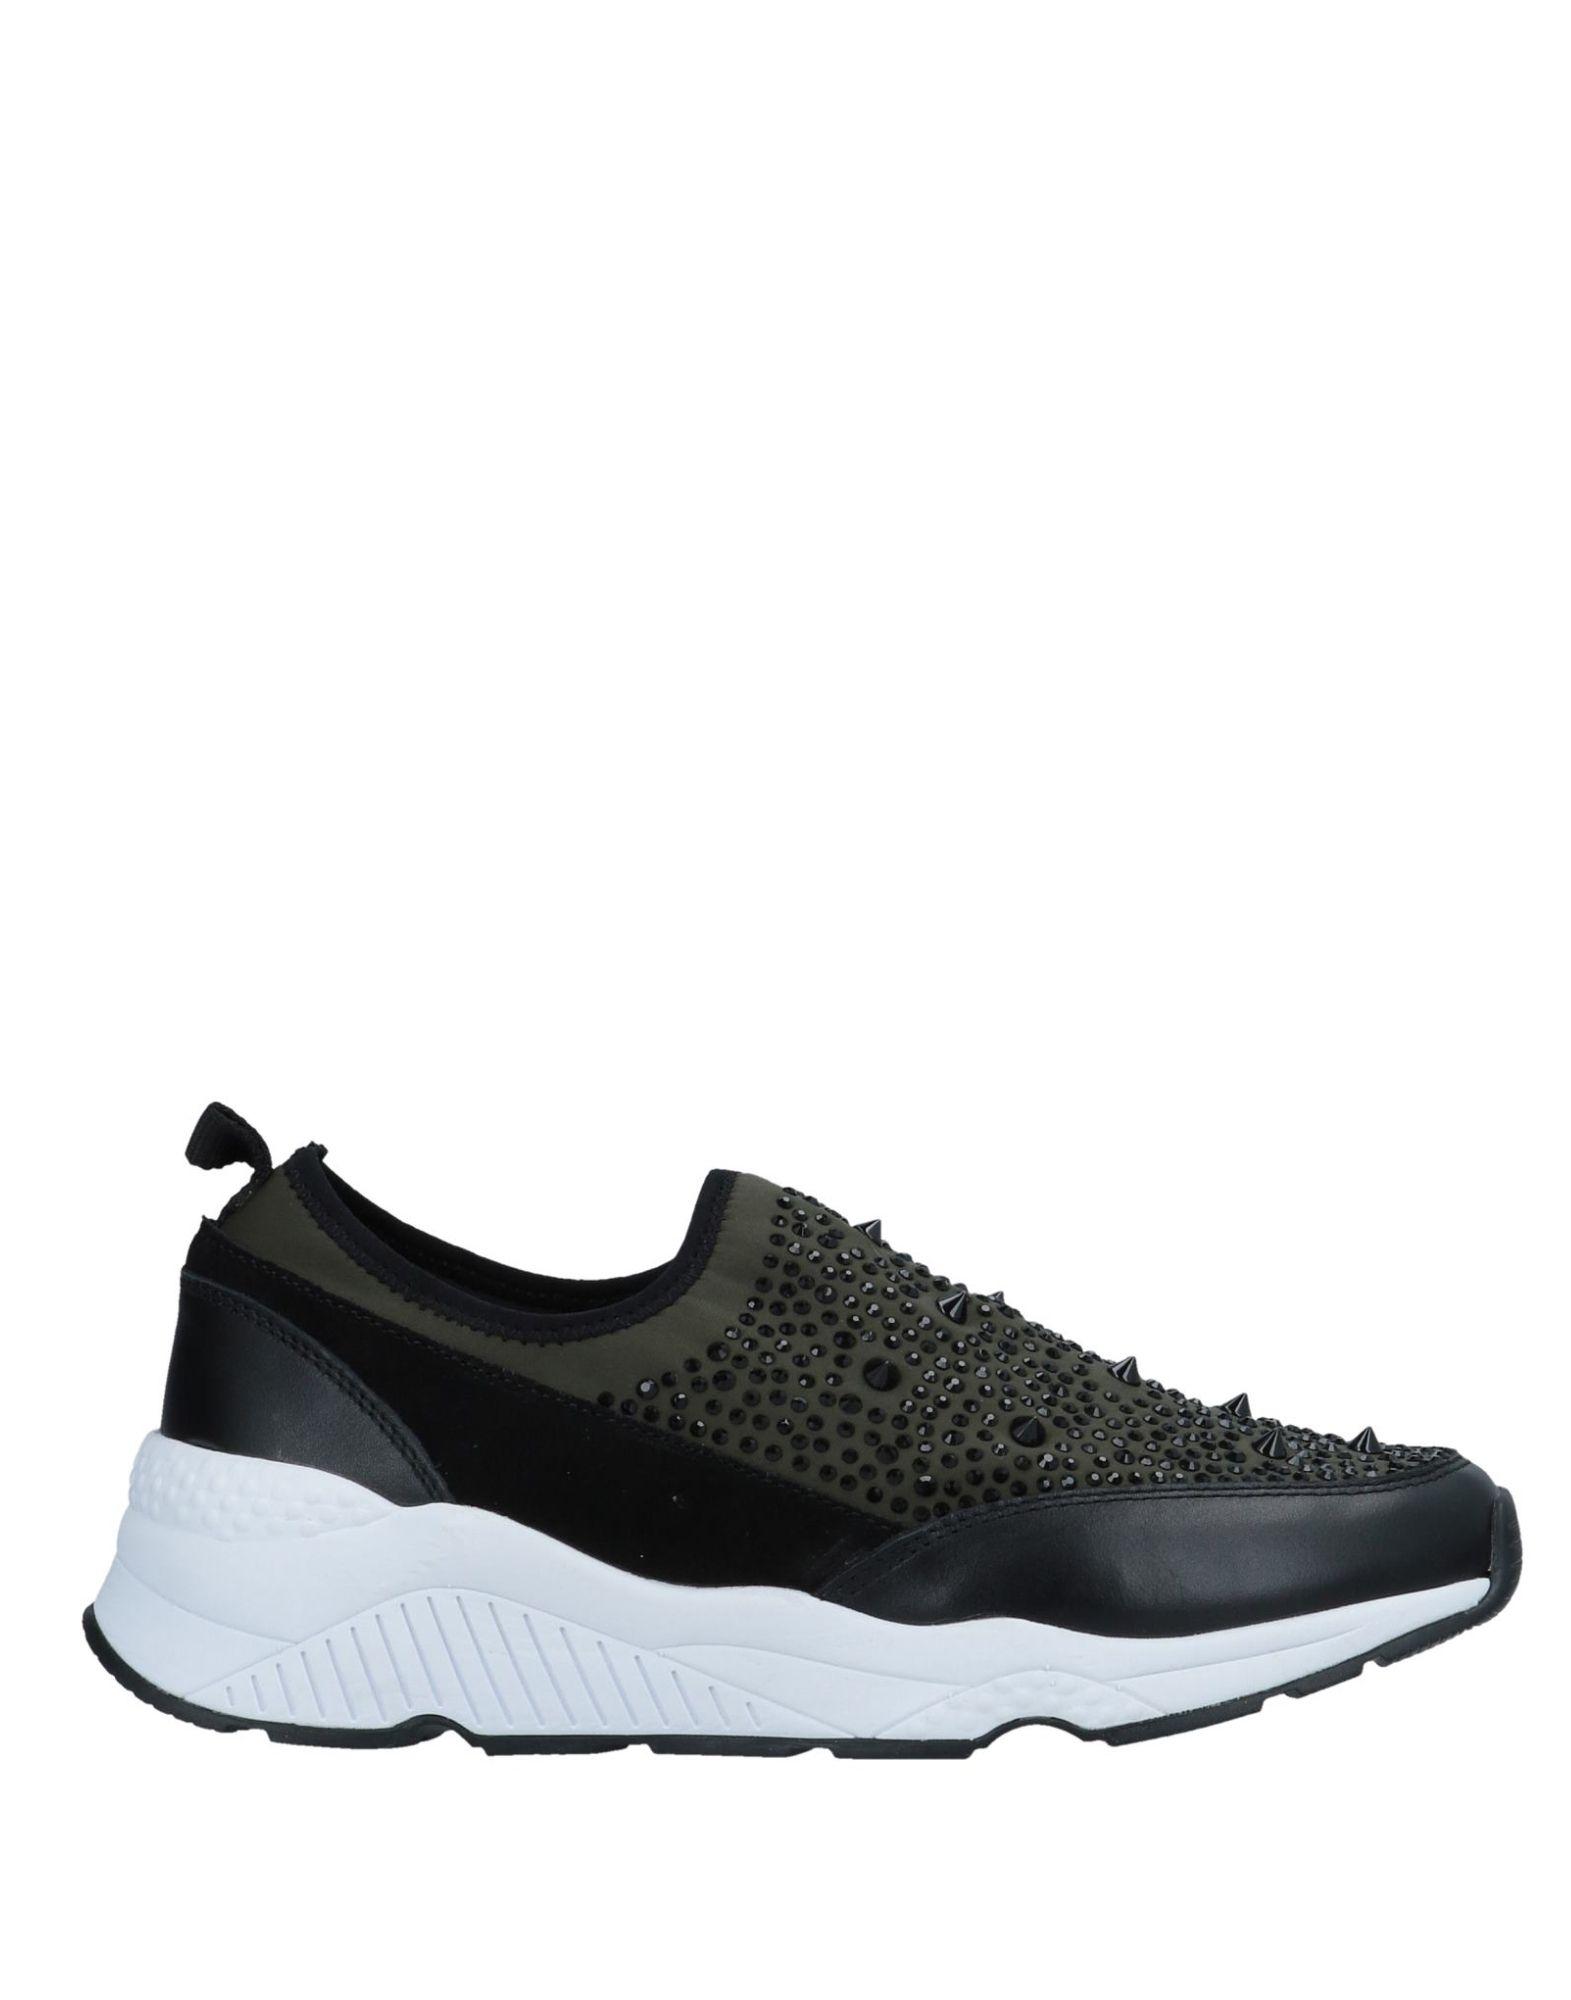 Bibi Lou Sneakers Damen  11553284UU Gute Qualität beliebte Schuhe